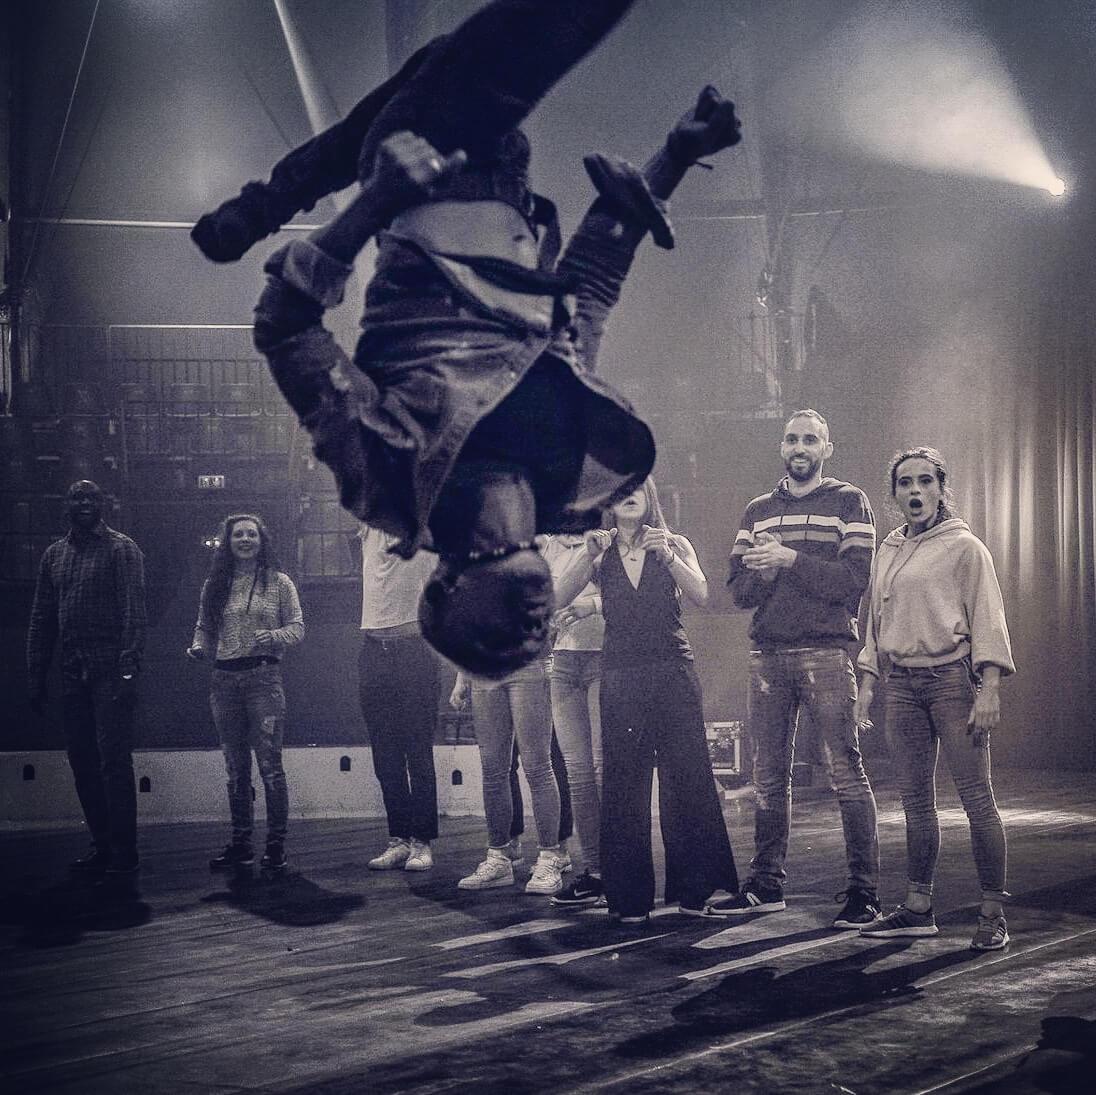 ecole des arts - acrobatie - stunt - Ahmed Said